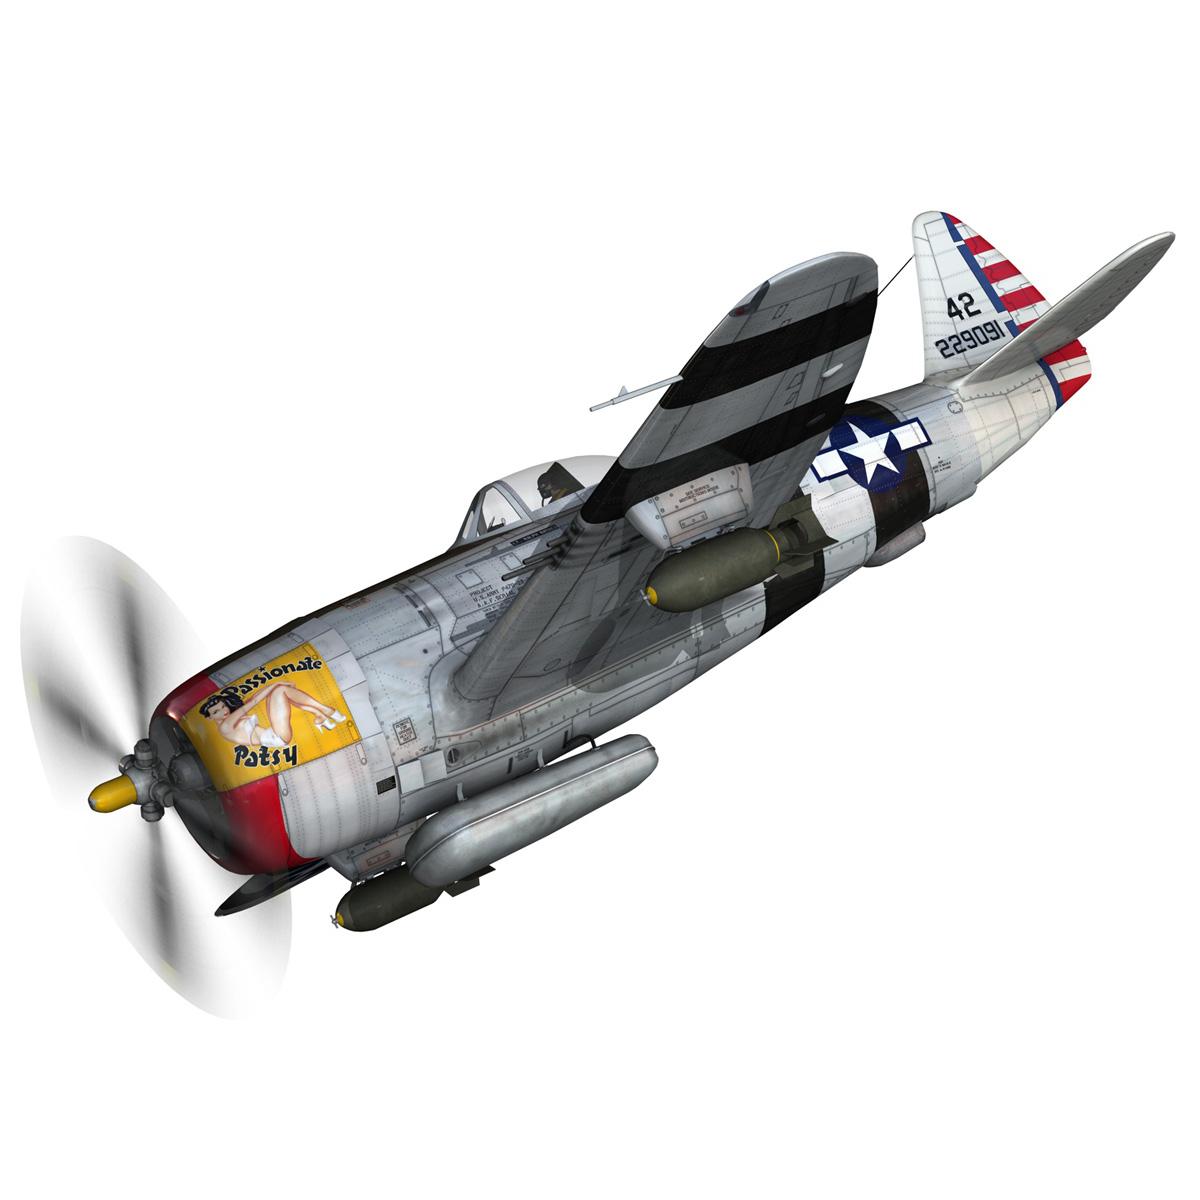 republic p-47 thunderbolt – passionate patsy 3d model fbx lwo lw lws obj c4d 279742